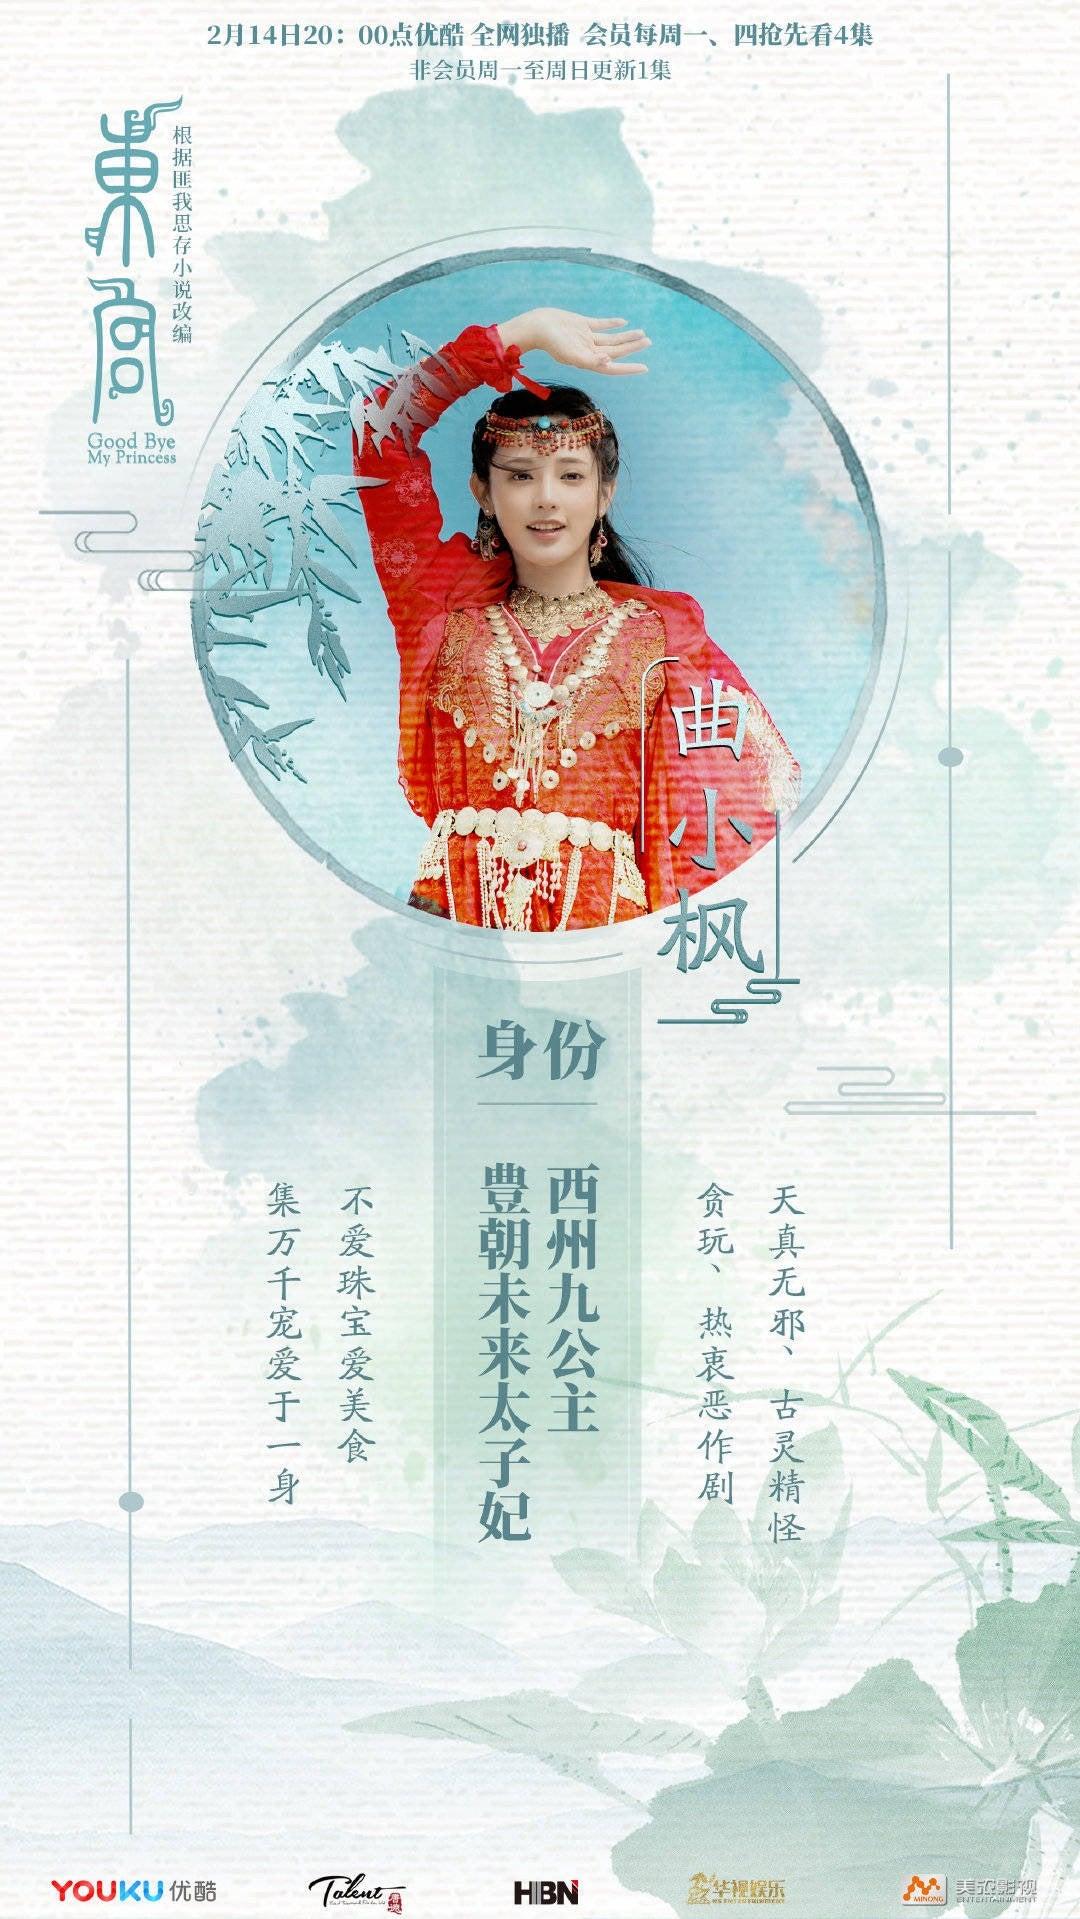 中國小説《東宮》読みました   華流ドラマを上海で観る